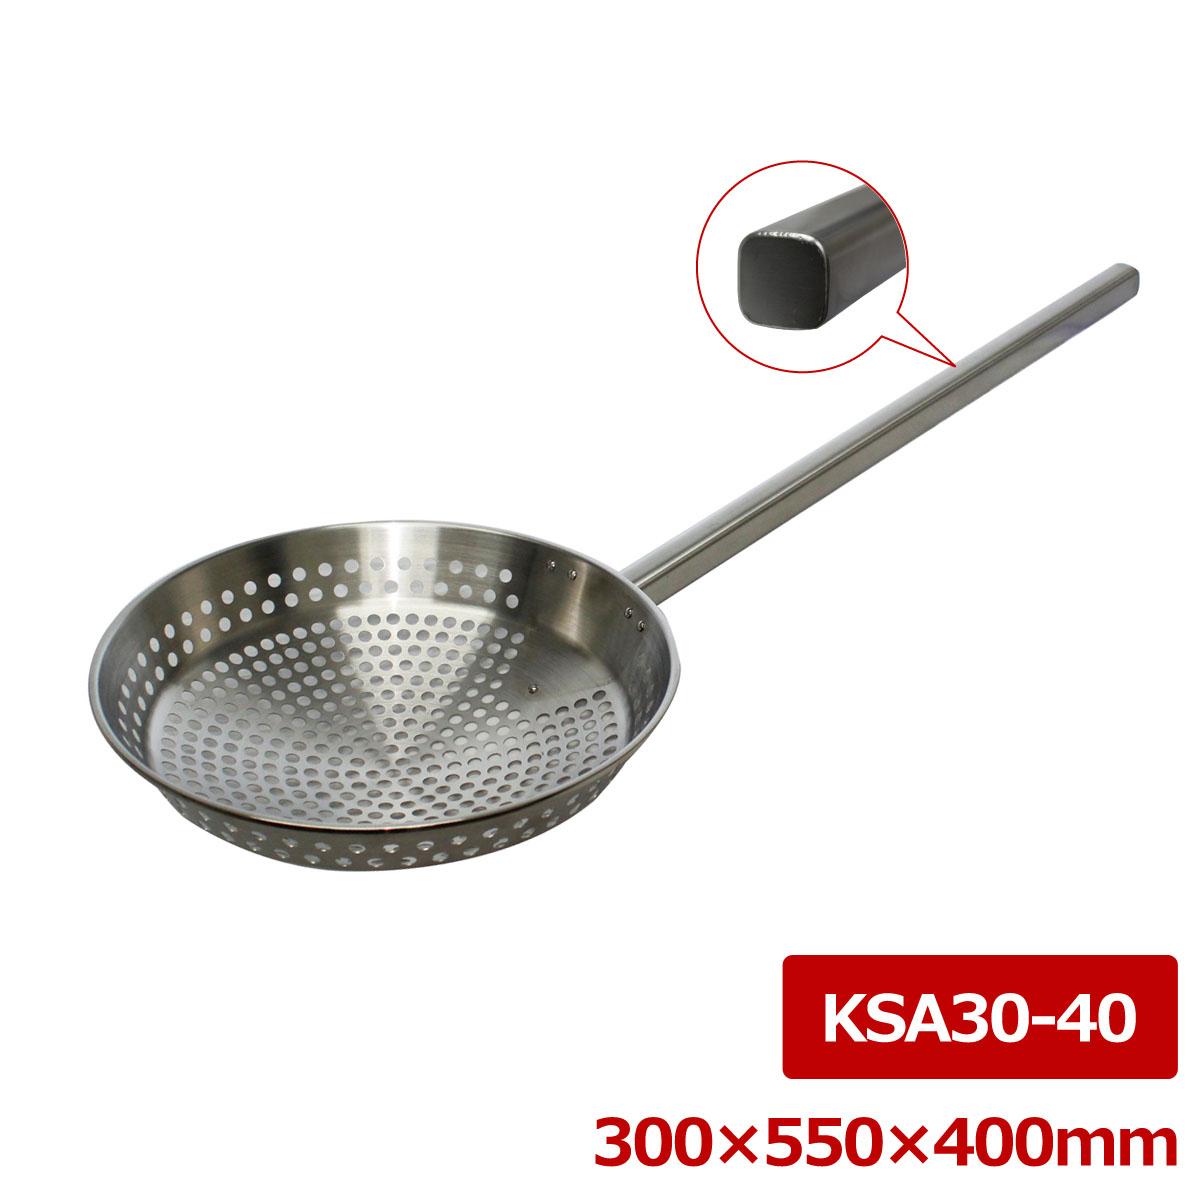 ステンレス 一体型角柄網ヒシャク 30*40cm KSA30-40